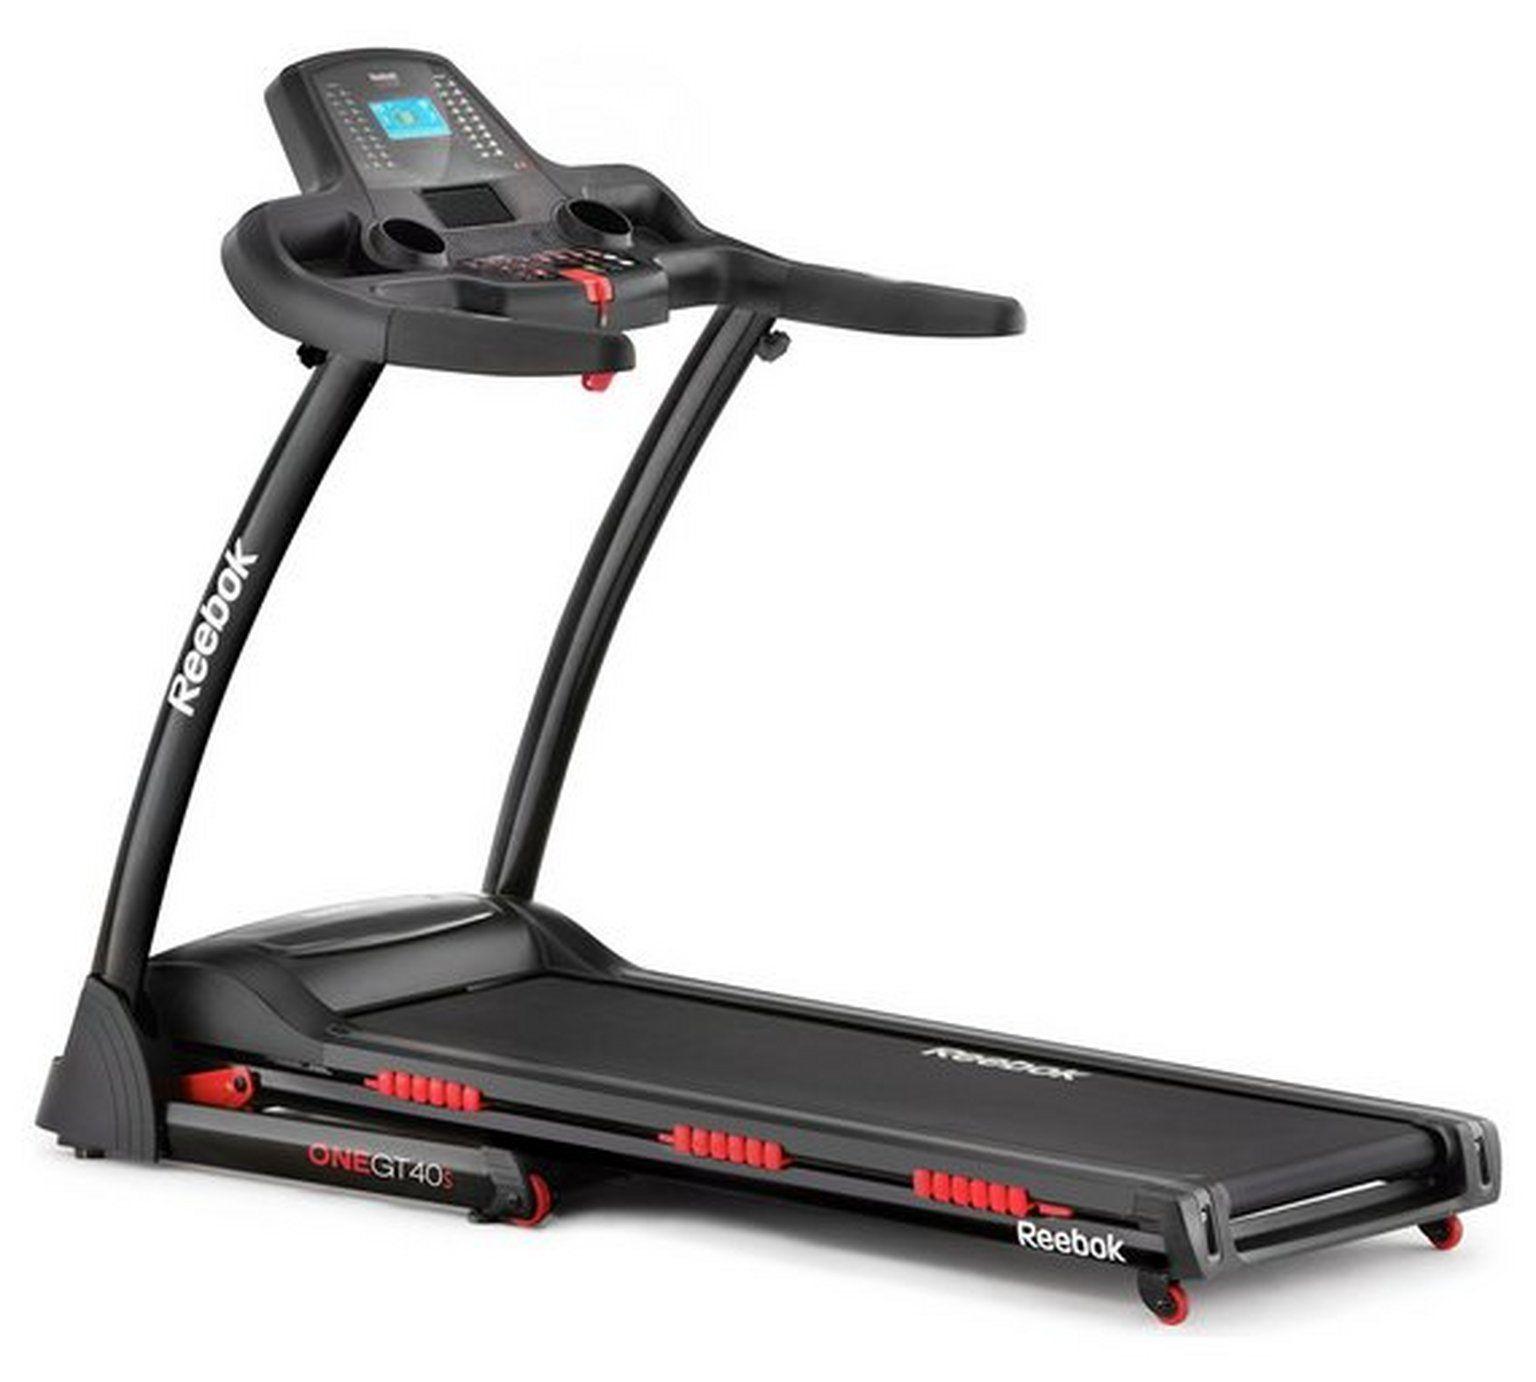 roger noir treadmill vs reebok